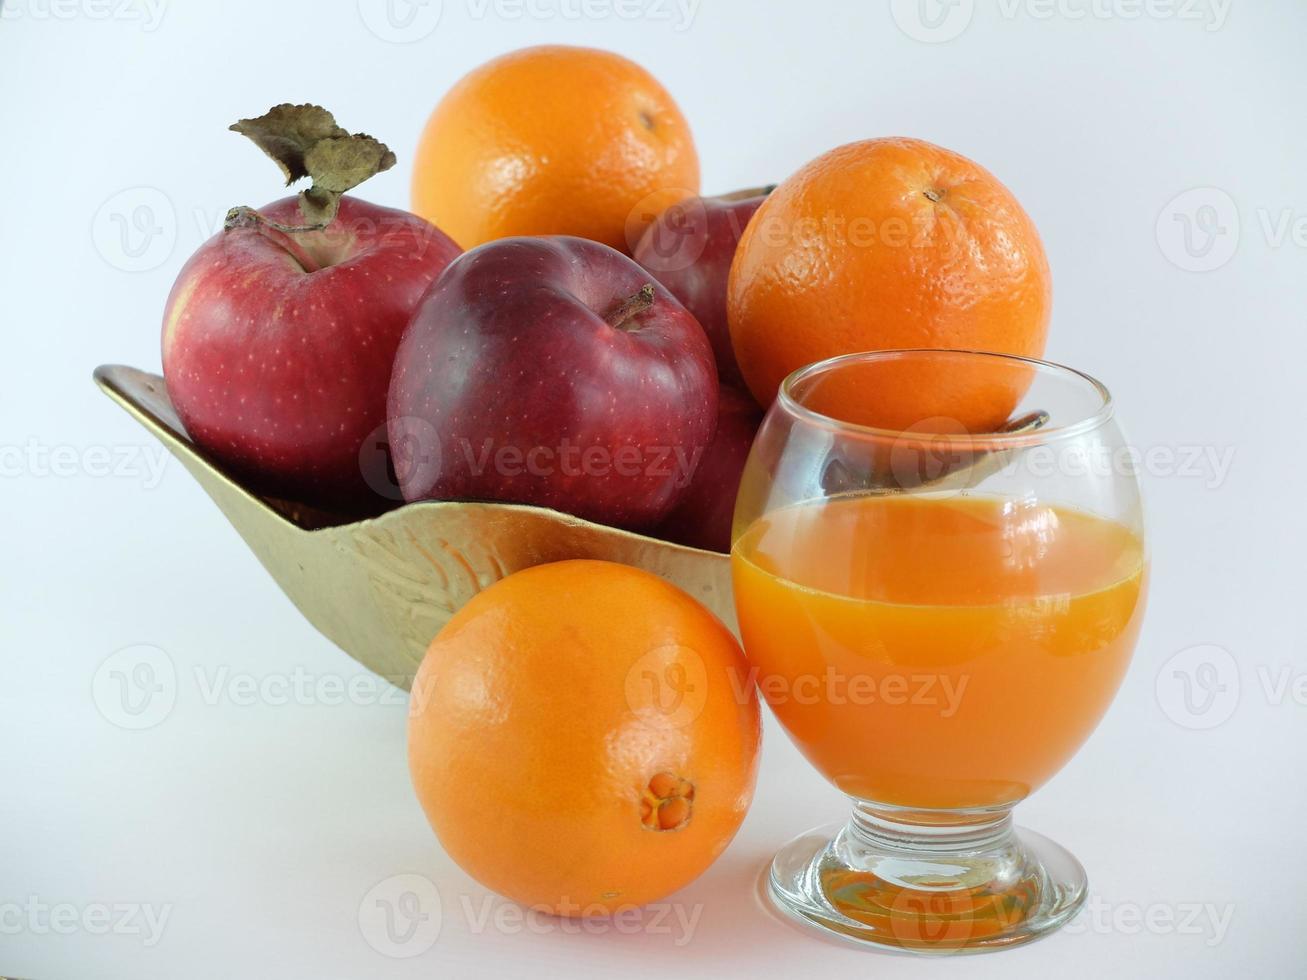 fruit en vruchtensap foto